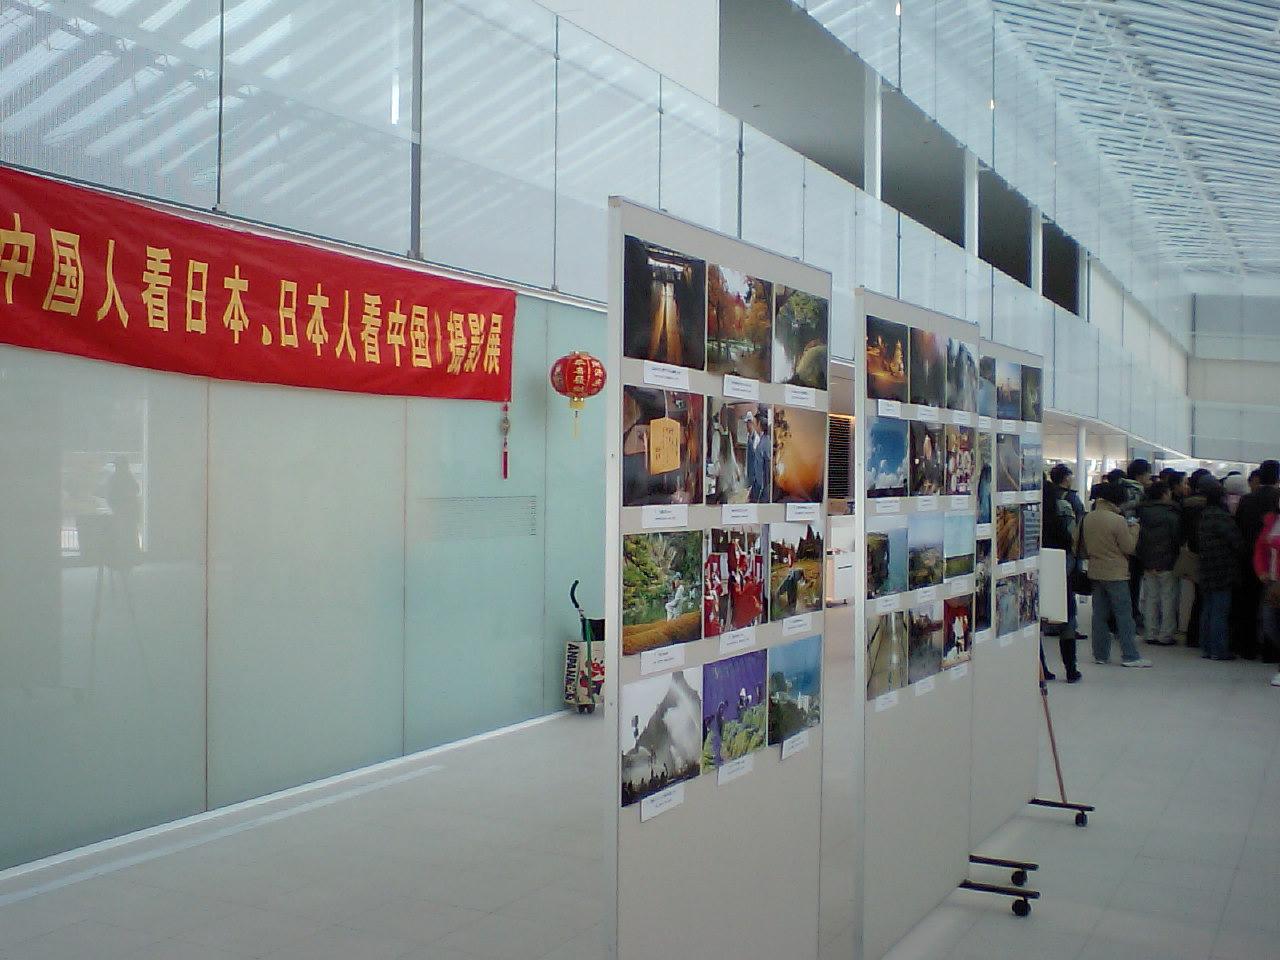 富士急行ハイランドにて、日中友好の写真展も開催された_d0027795_1495586.jpg